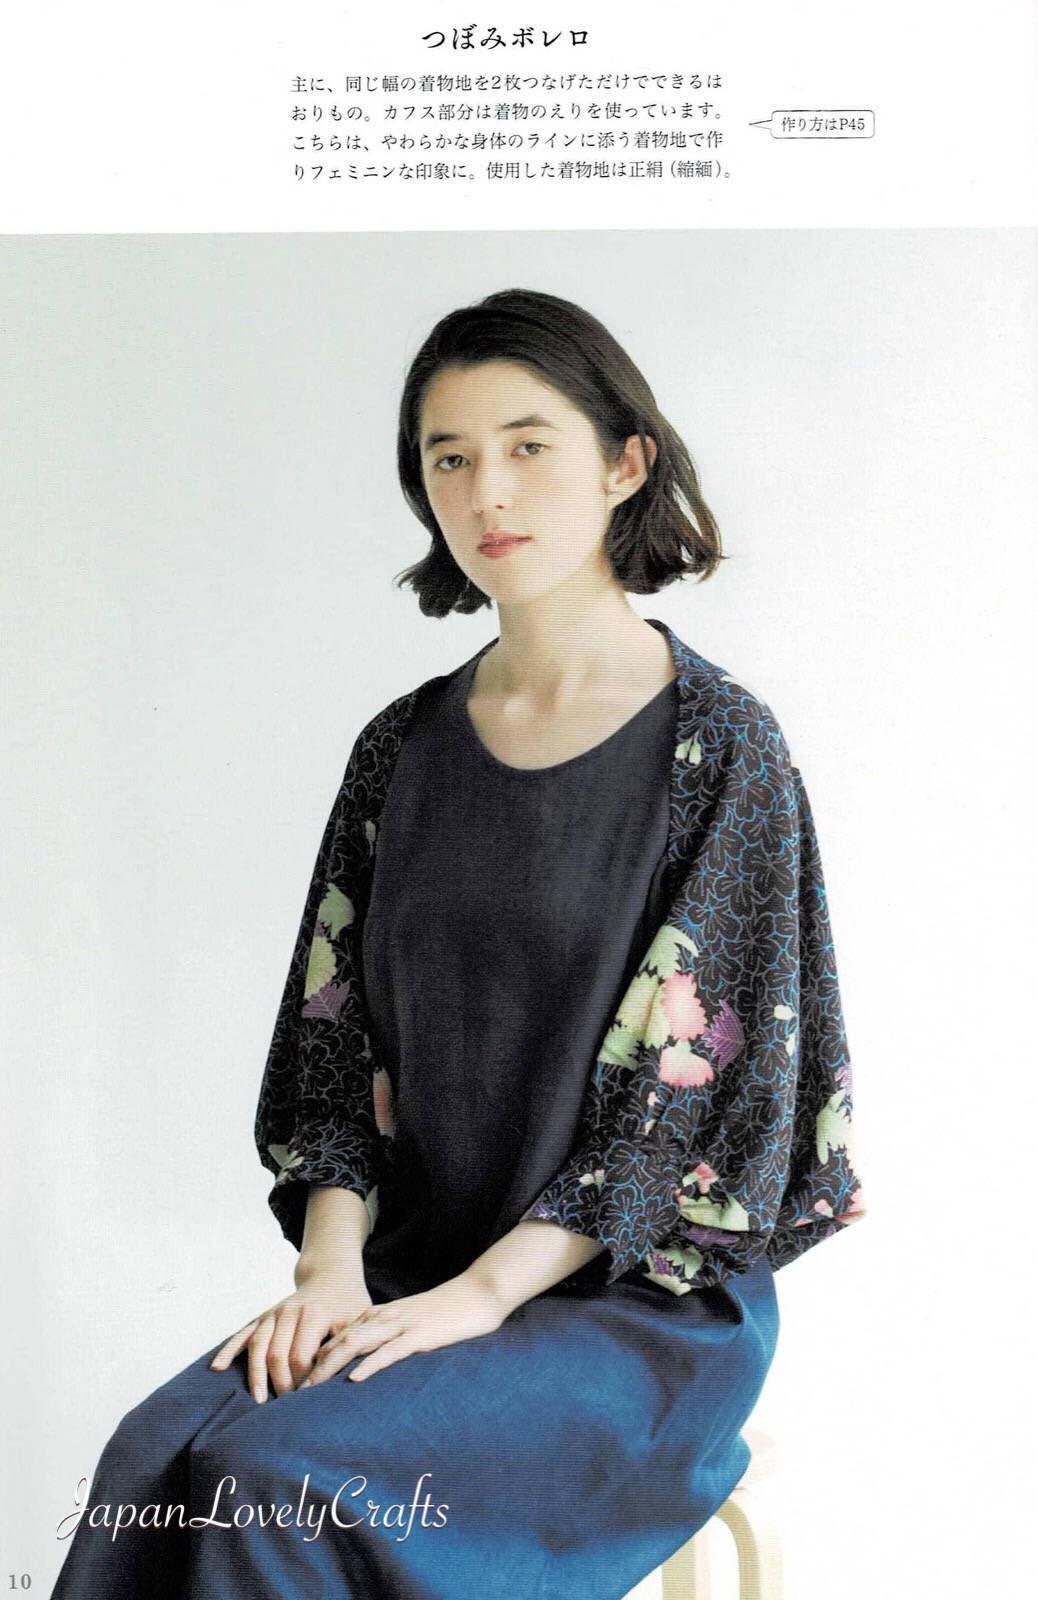 Kimono Remake schlichte Wrap Outfit Muster japanische Nähen